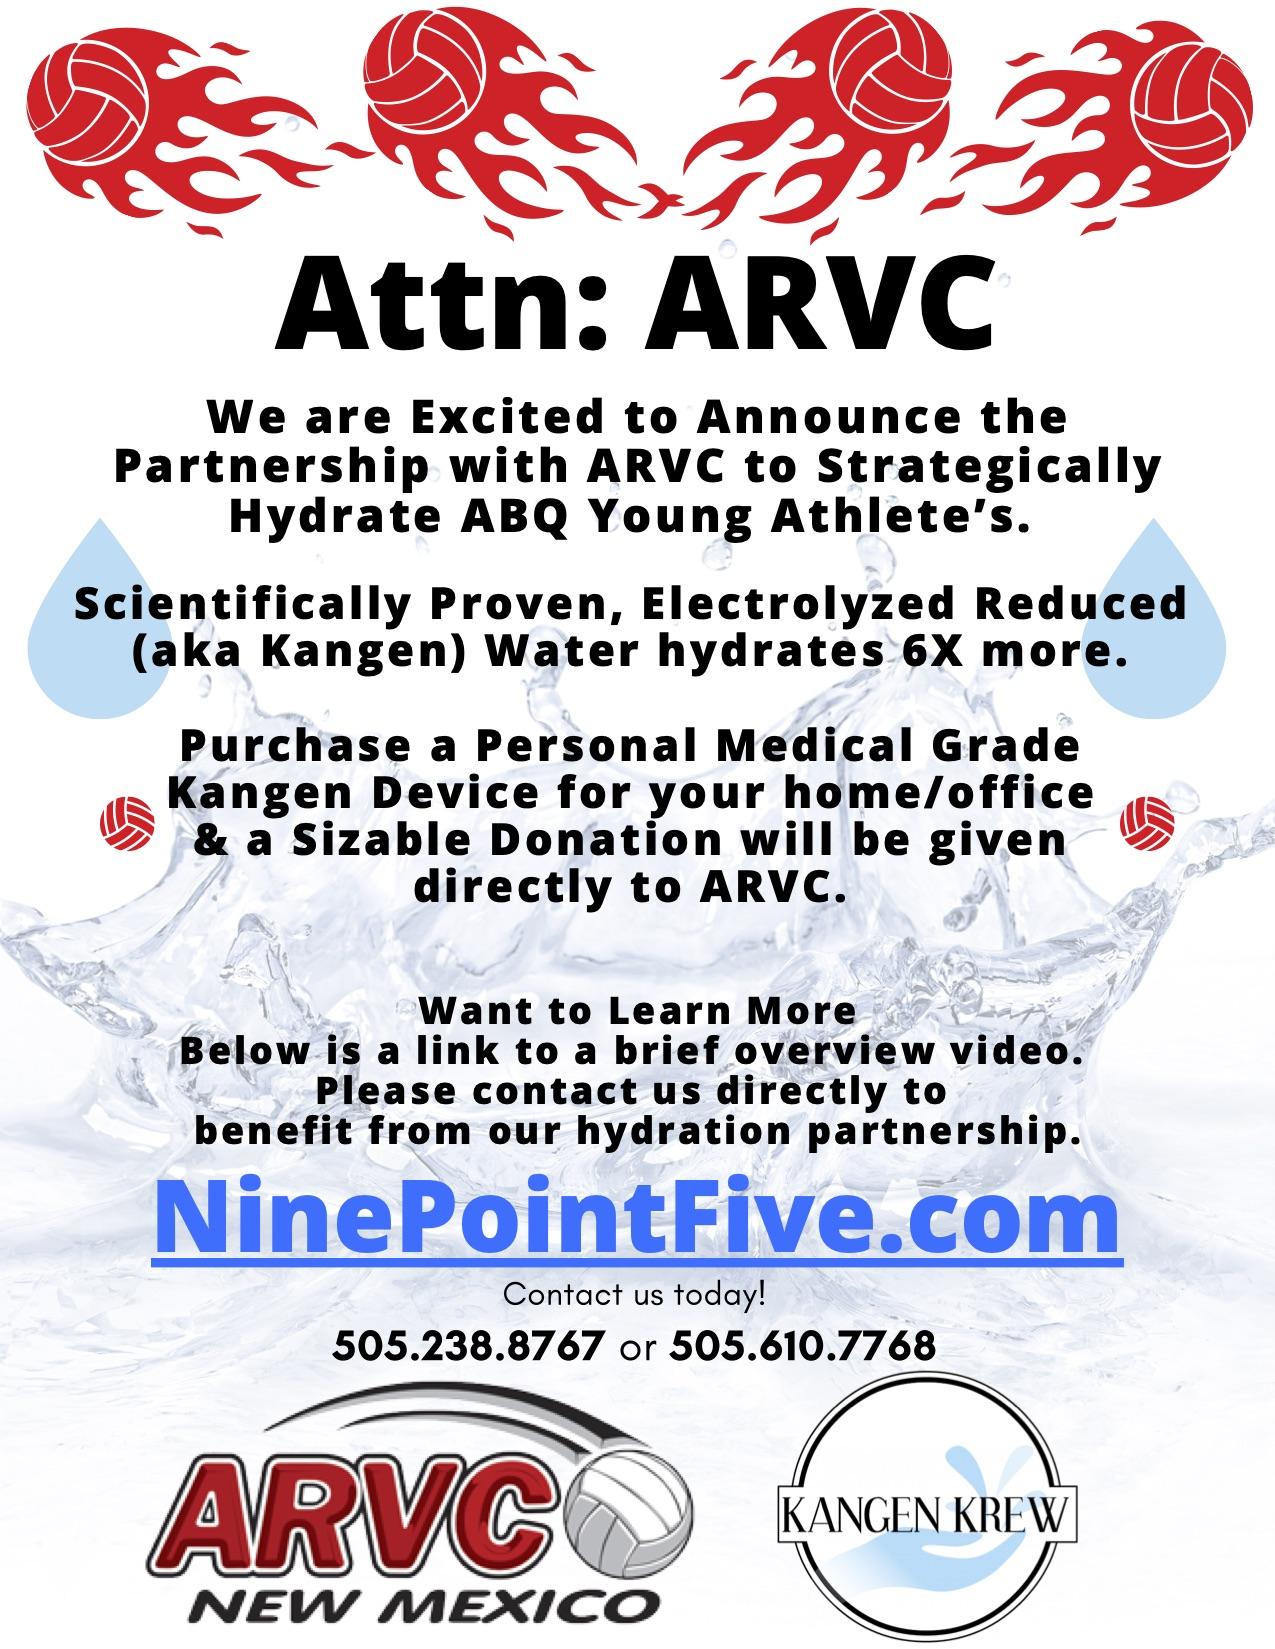 ARVC Partnership Flyer (5)